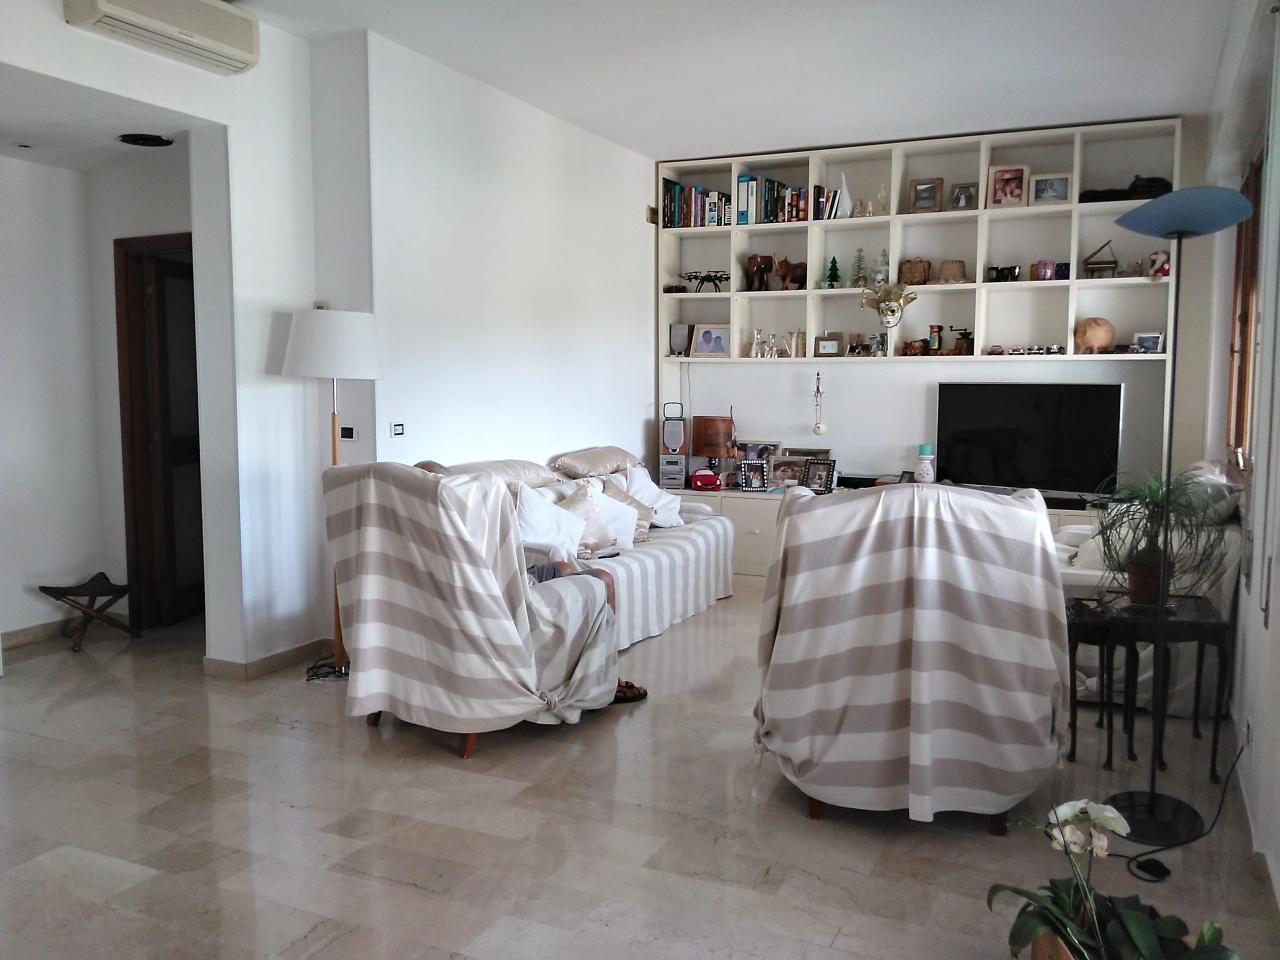 Attico / Mansarda in vendita a Camaiore, 7 locali, prezzo € 750.000 | PortaleAgenzieImmobiliari.it